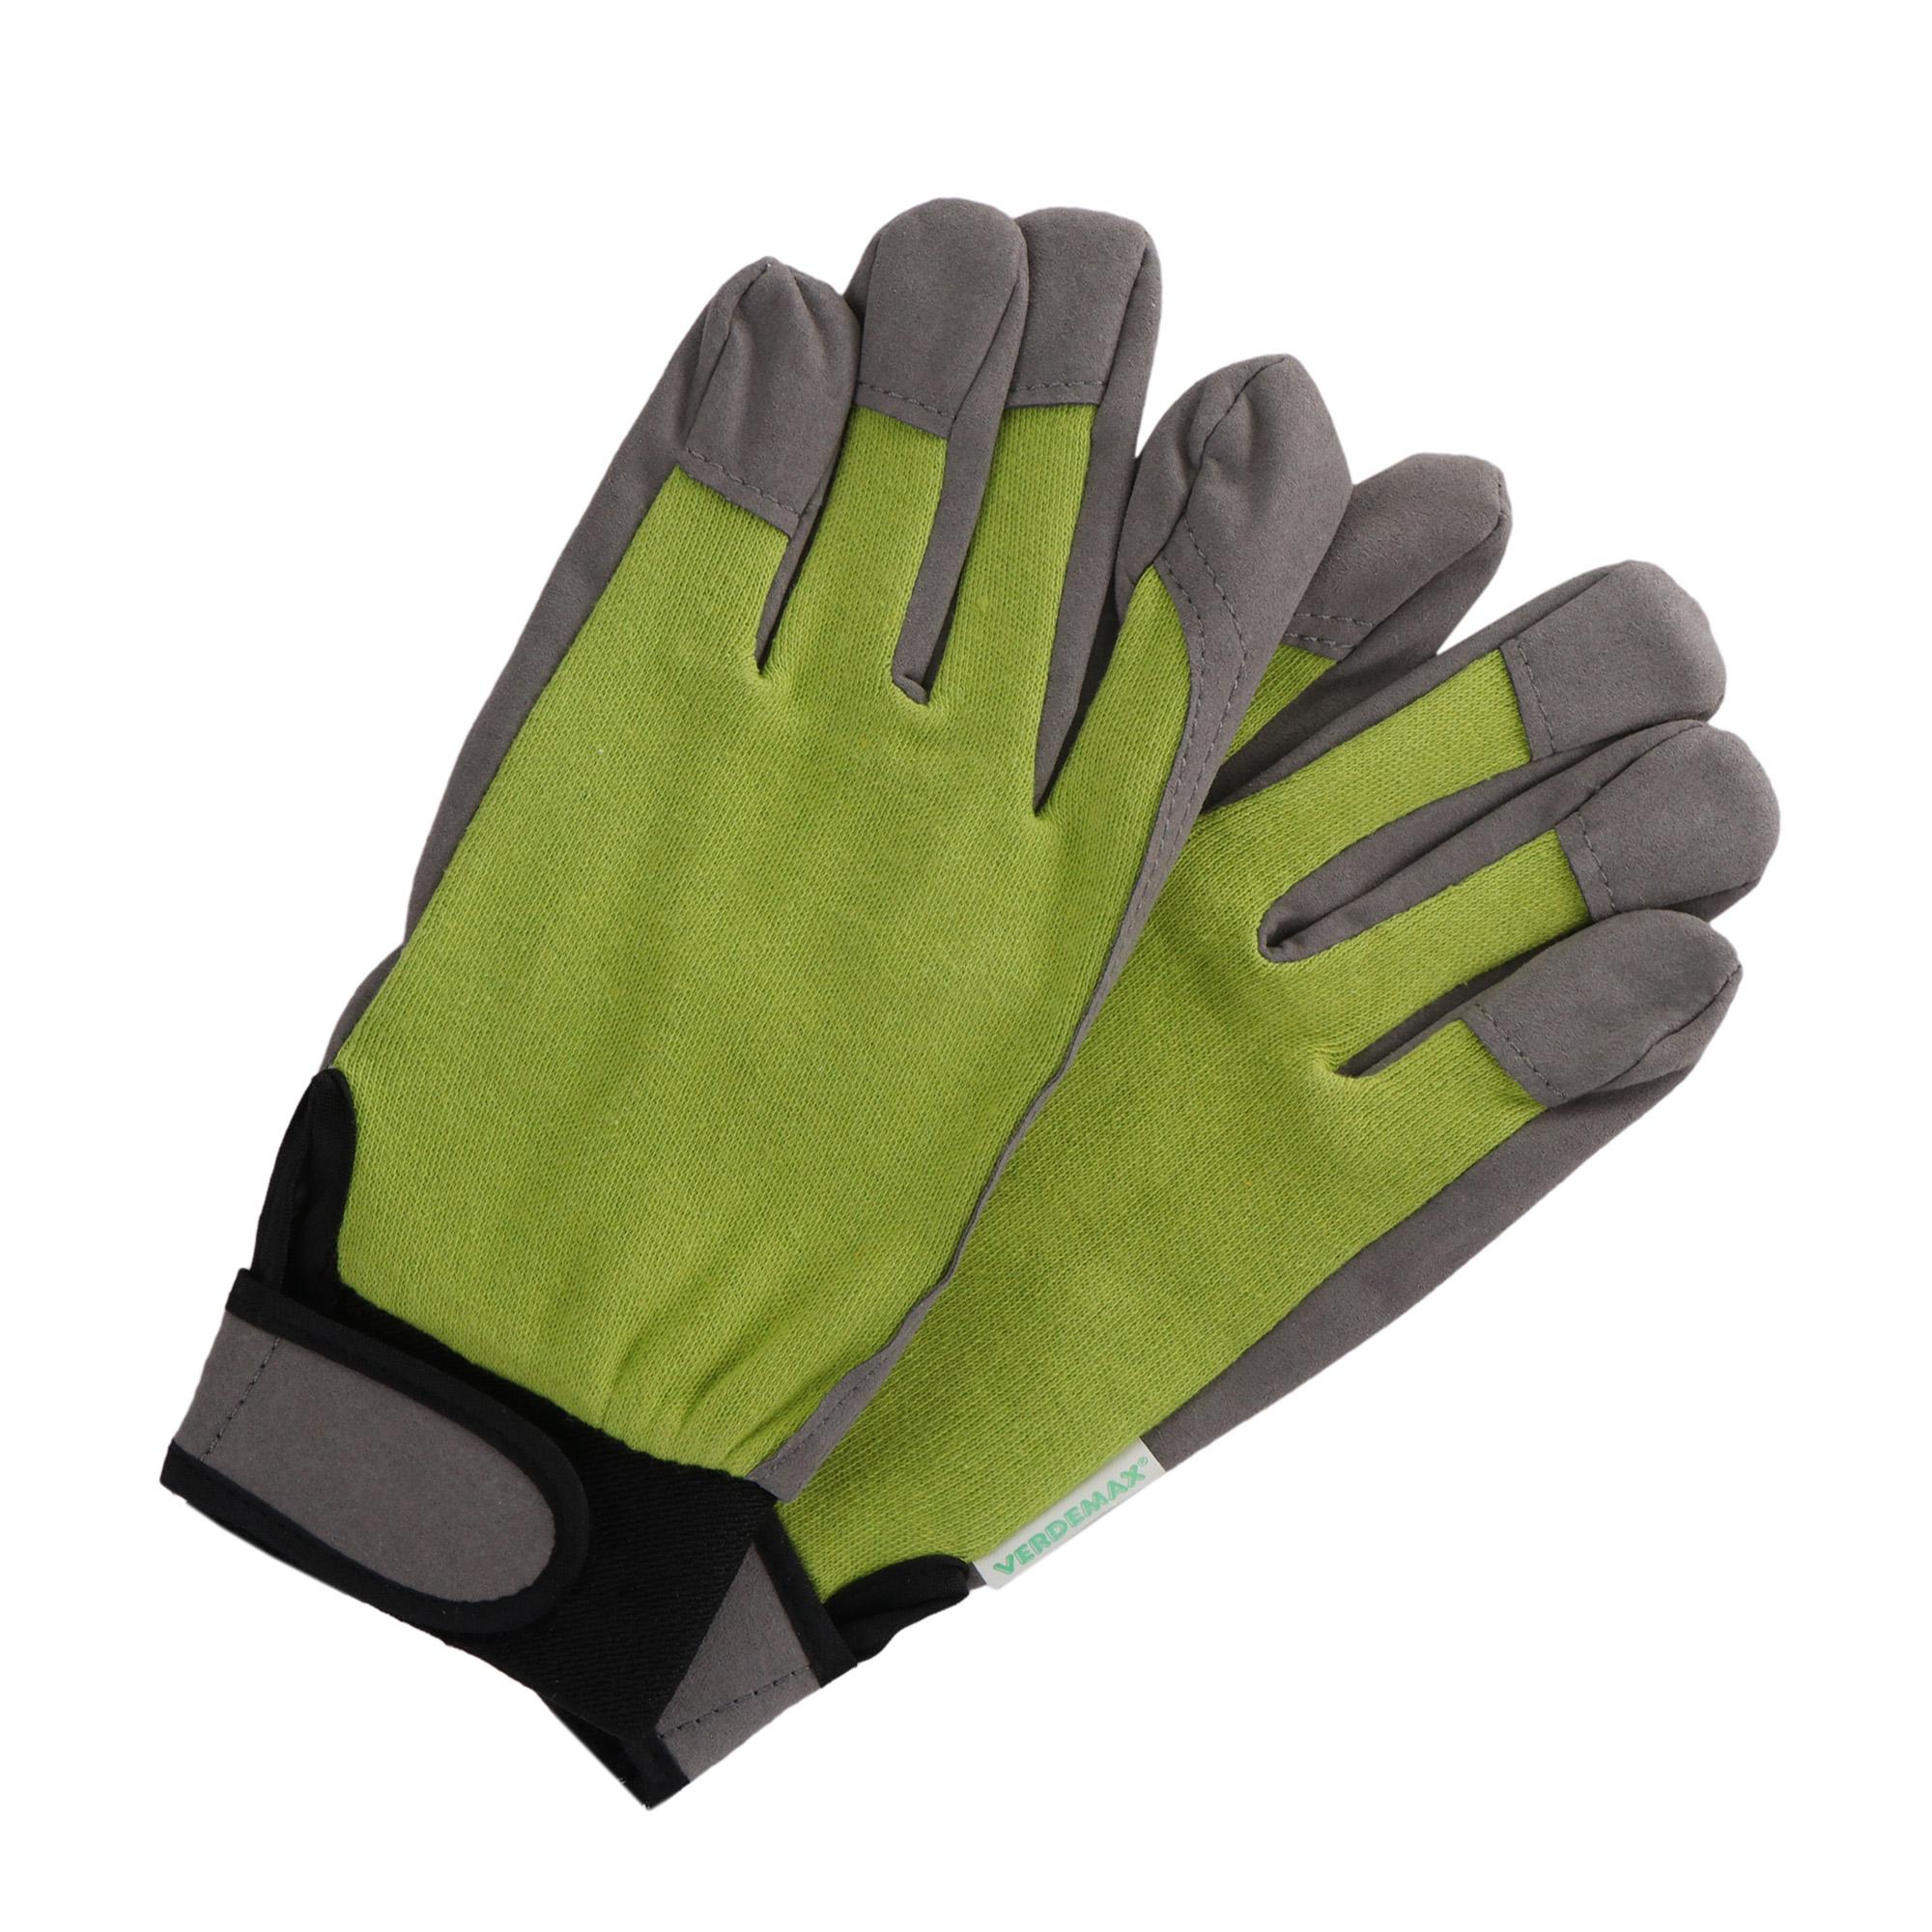 Фото - Перчатки садовые Verdemax golf серо-зеленые хl перчатки садовые verdemax серо зеленые m